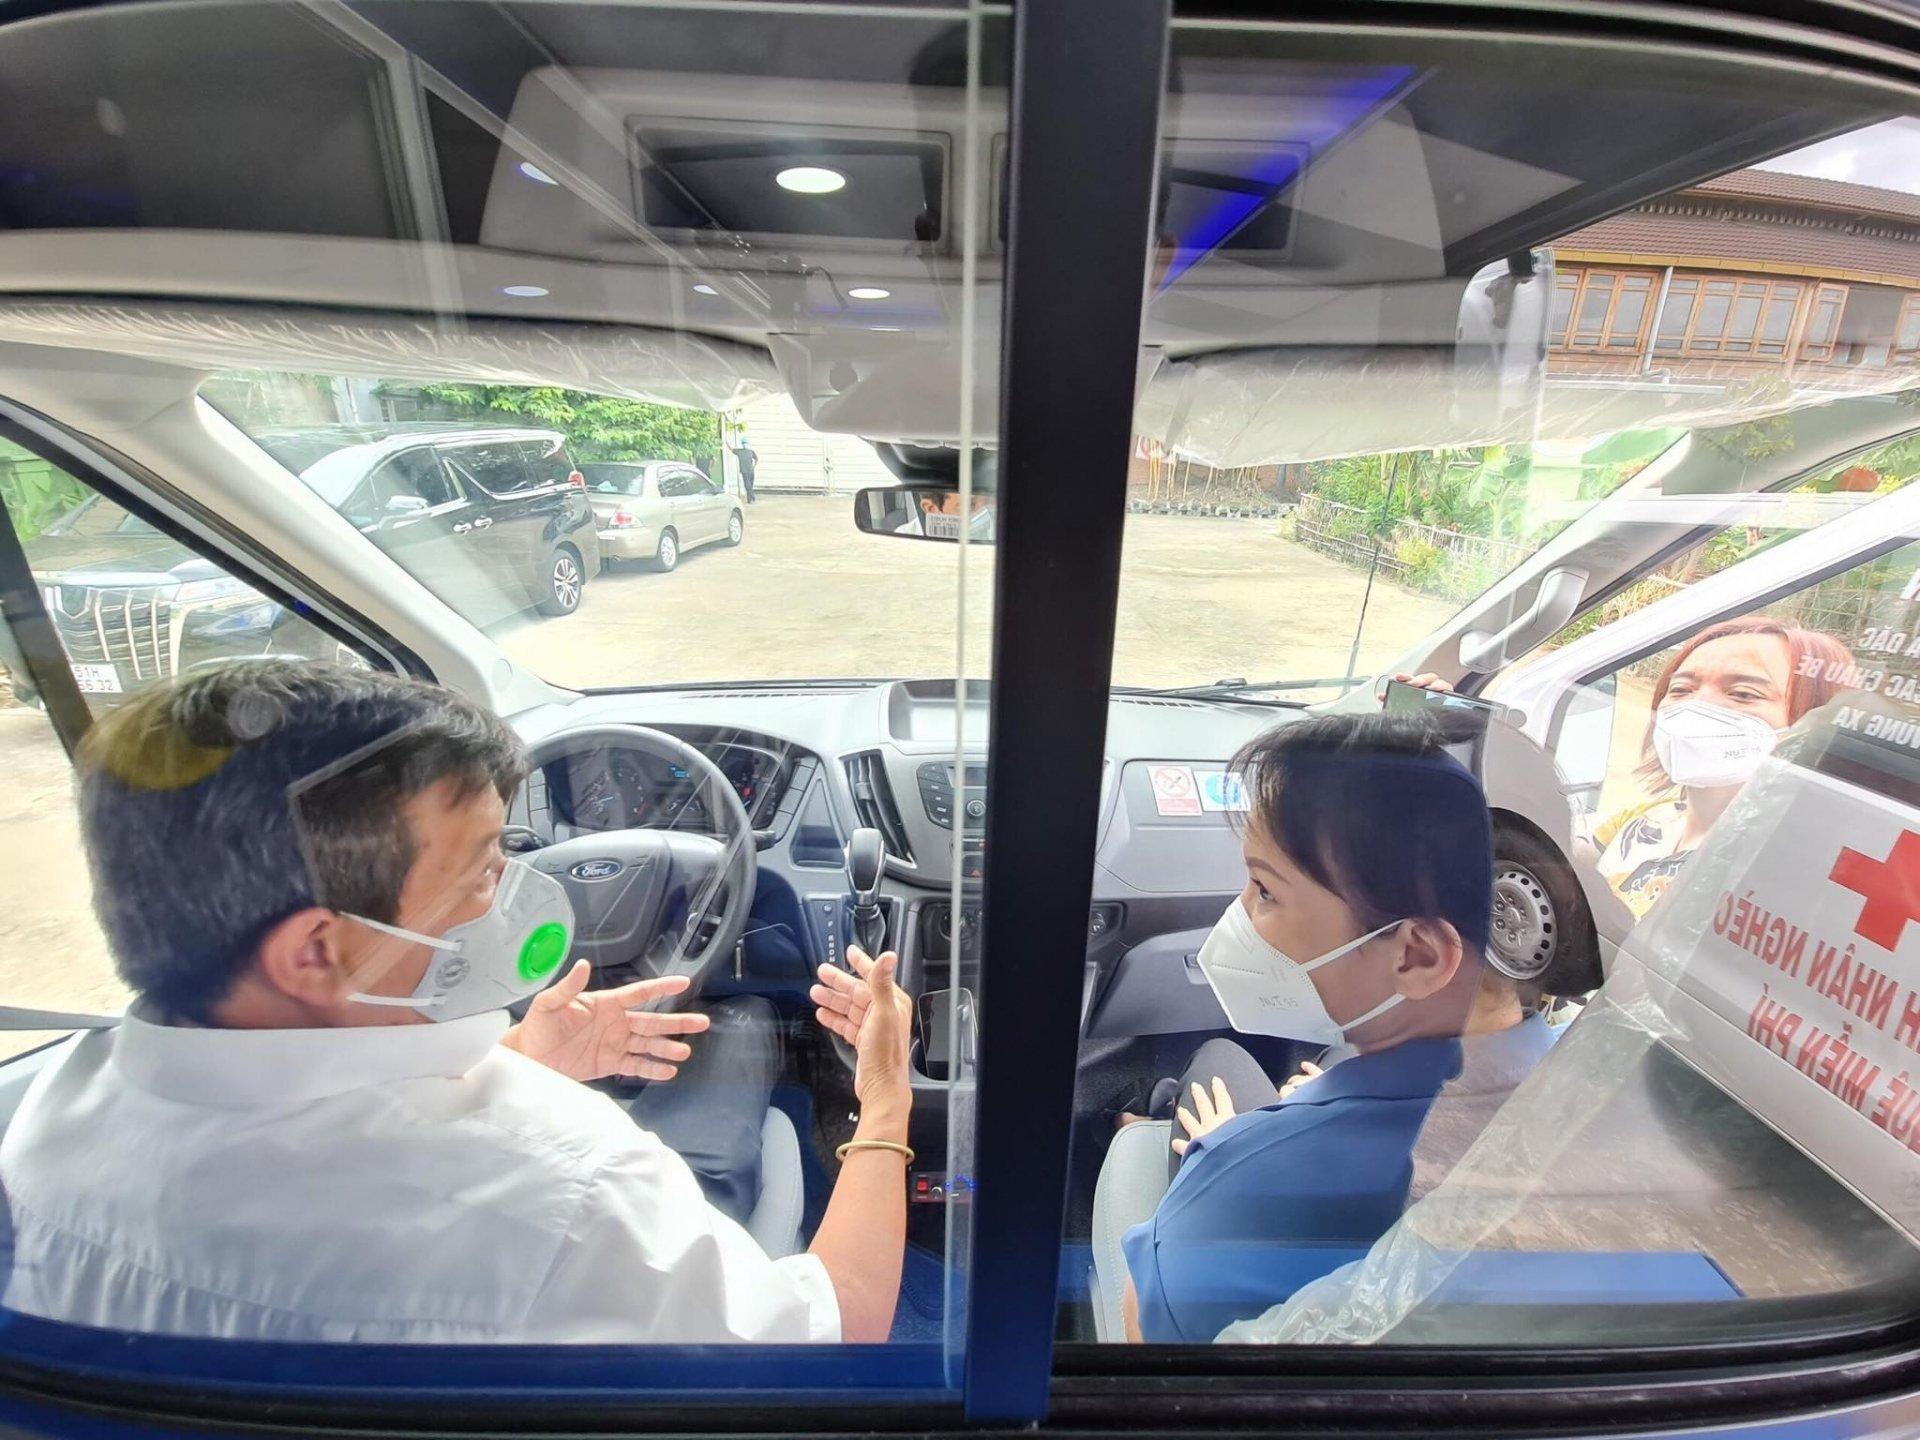 Ông Đoàn Ngọc Hải xúc động nhận xe Việt Hương tặng, không quên hé lộ về cách xử lý nhân văn với chiếc xe cũ 5